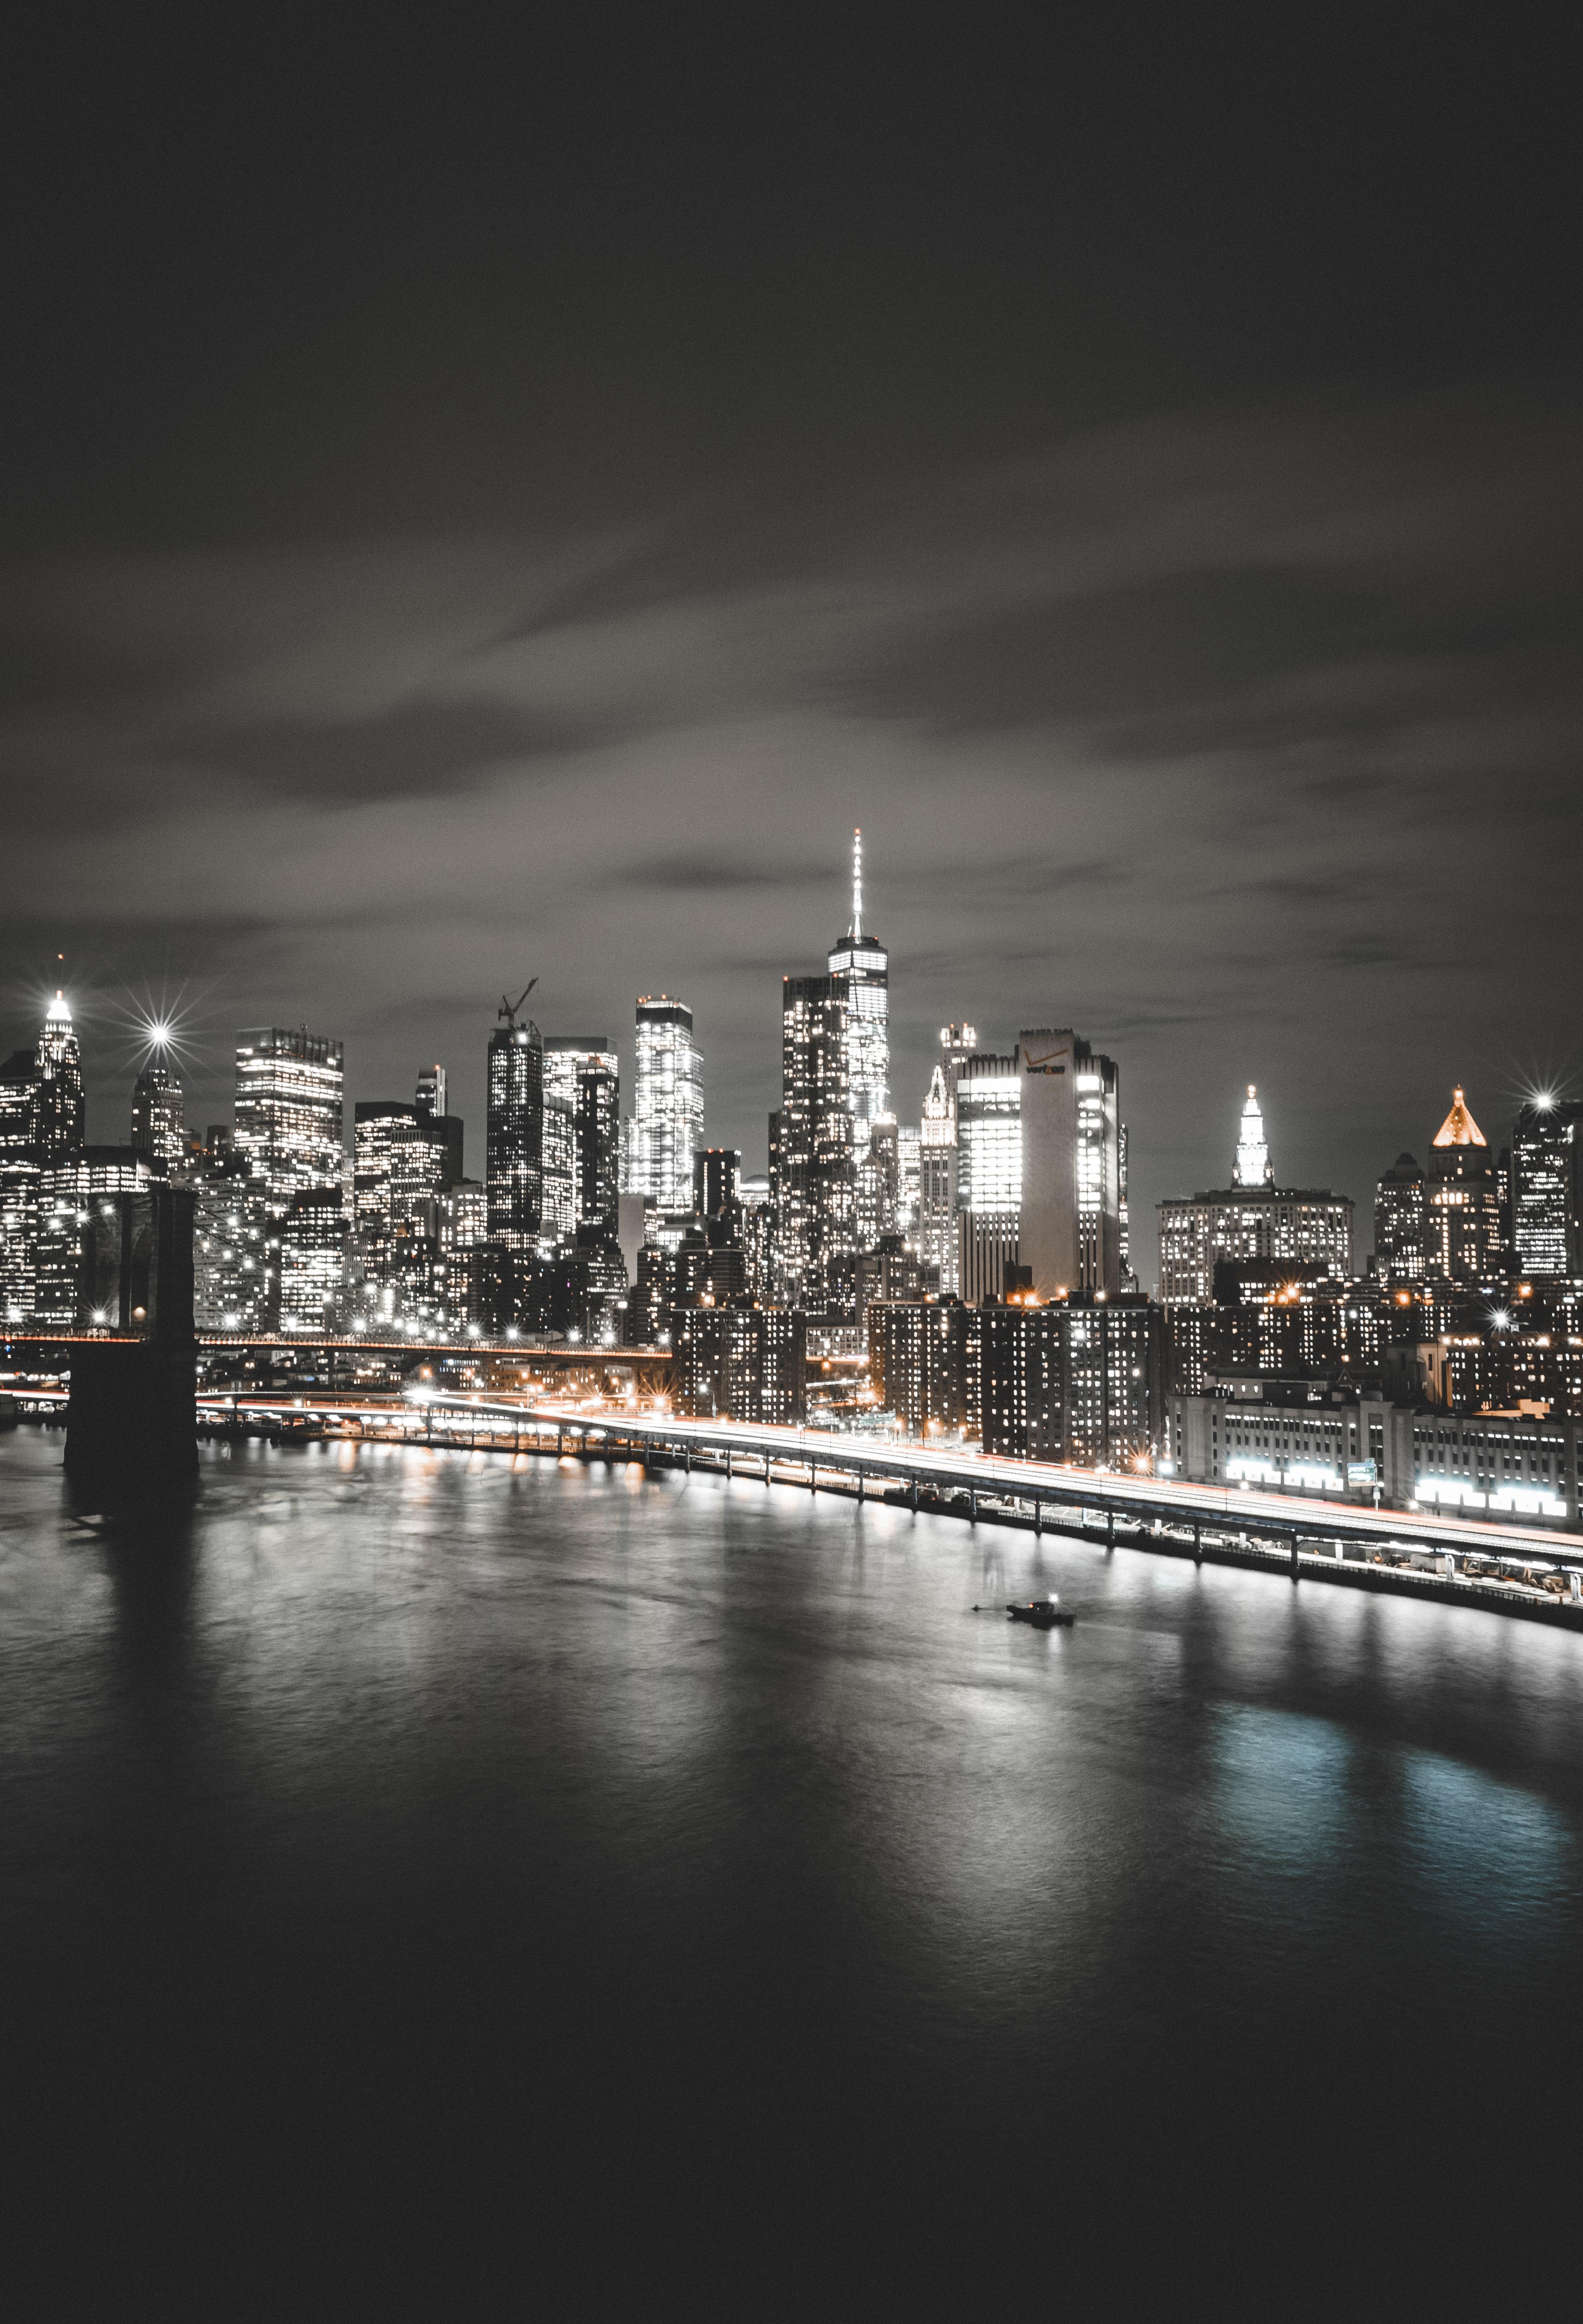 71938壁紙のダウンロード市, 都市, 建物, ライト, 海岸, ニューヨーク, ニューヨーク州-スクリーンセーバーと写真を無料で